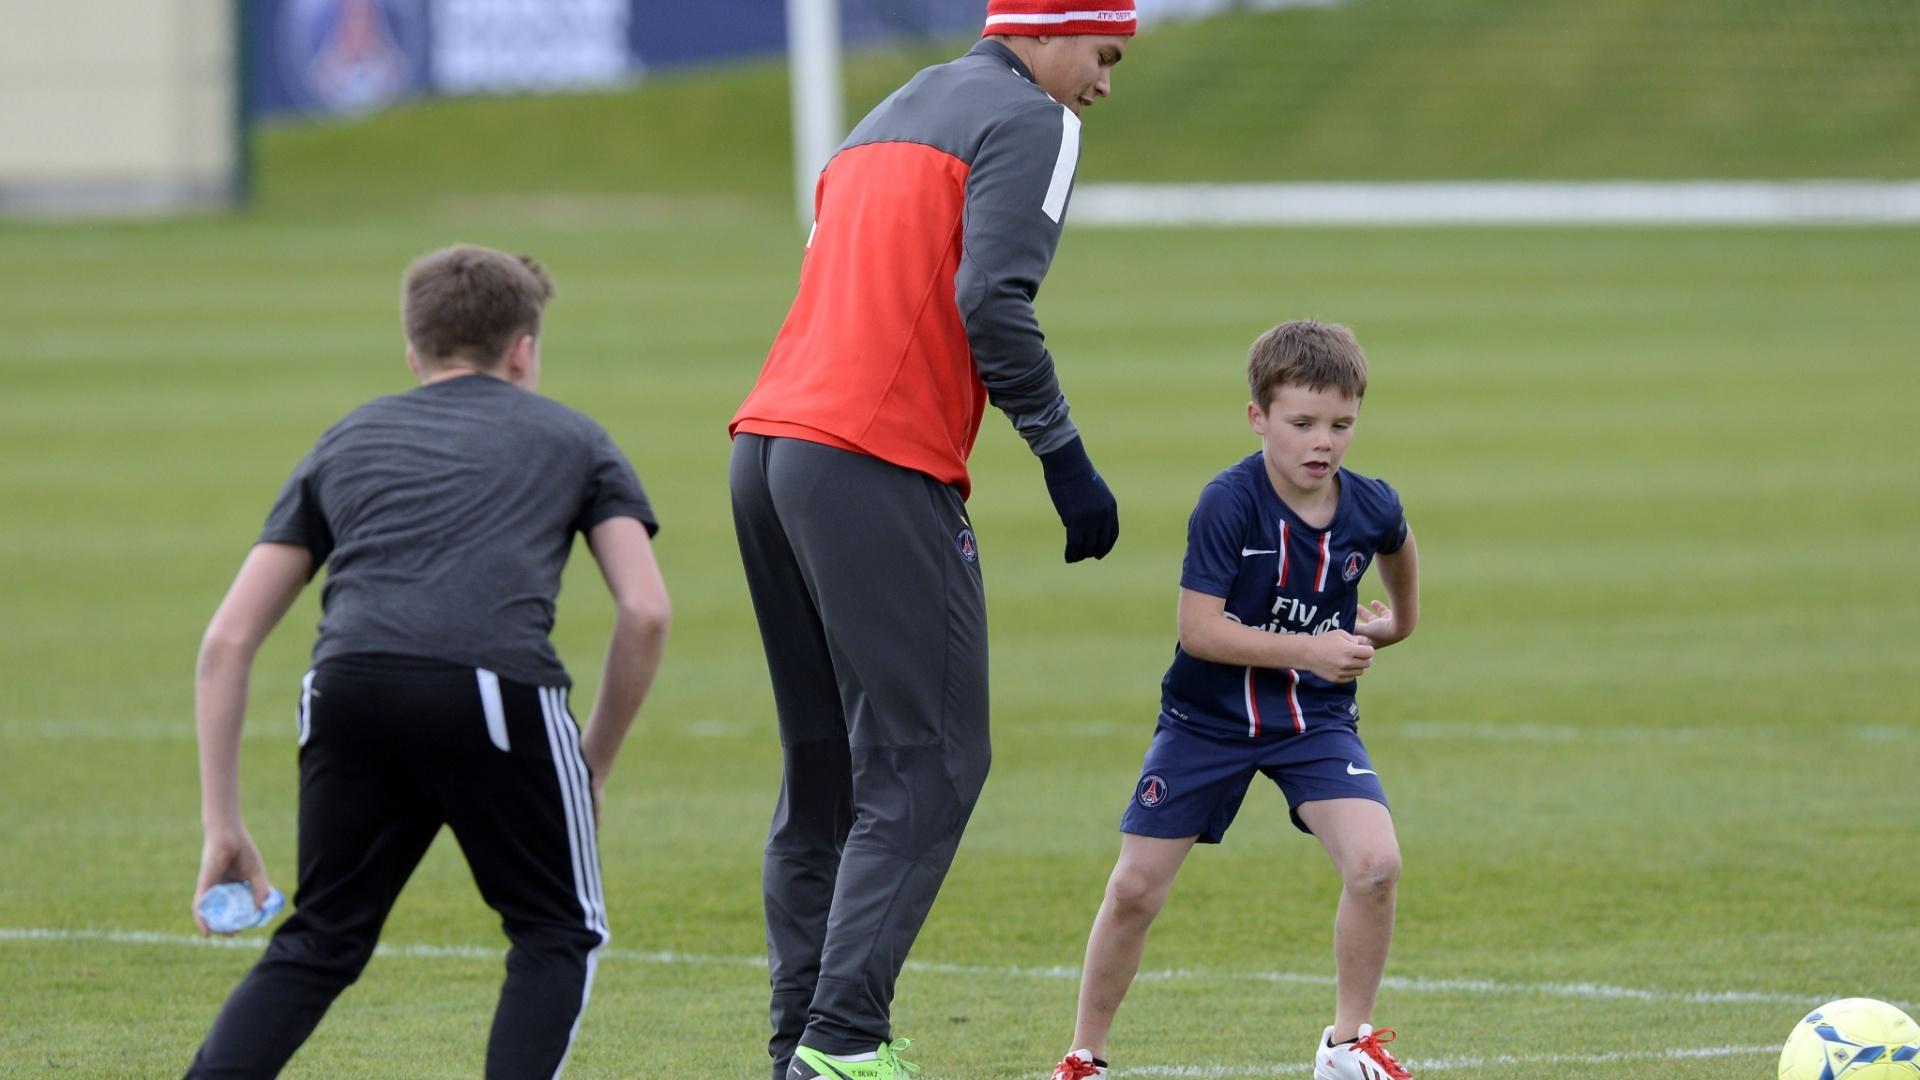 19.abr.2013 - Brooklyn Beckham (esq) e Cruz Beckham (dir), filhos do astro David Beckham, brincam com o zagueiro brasileiro Thiago Silva durante treino do Paris Saint-Germain